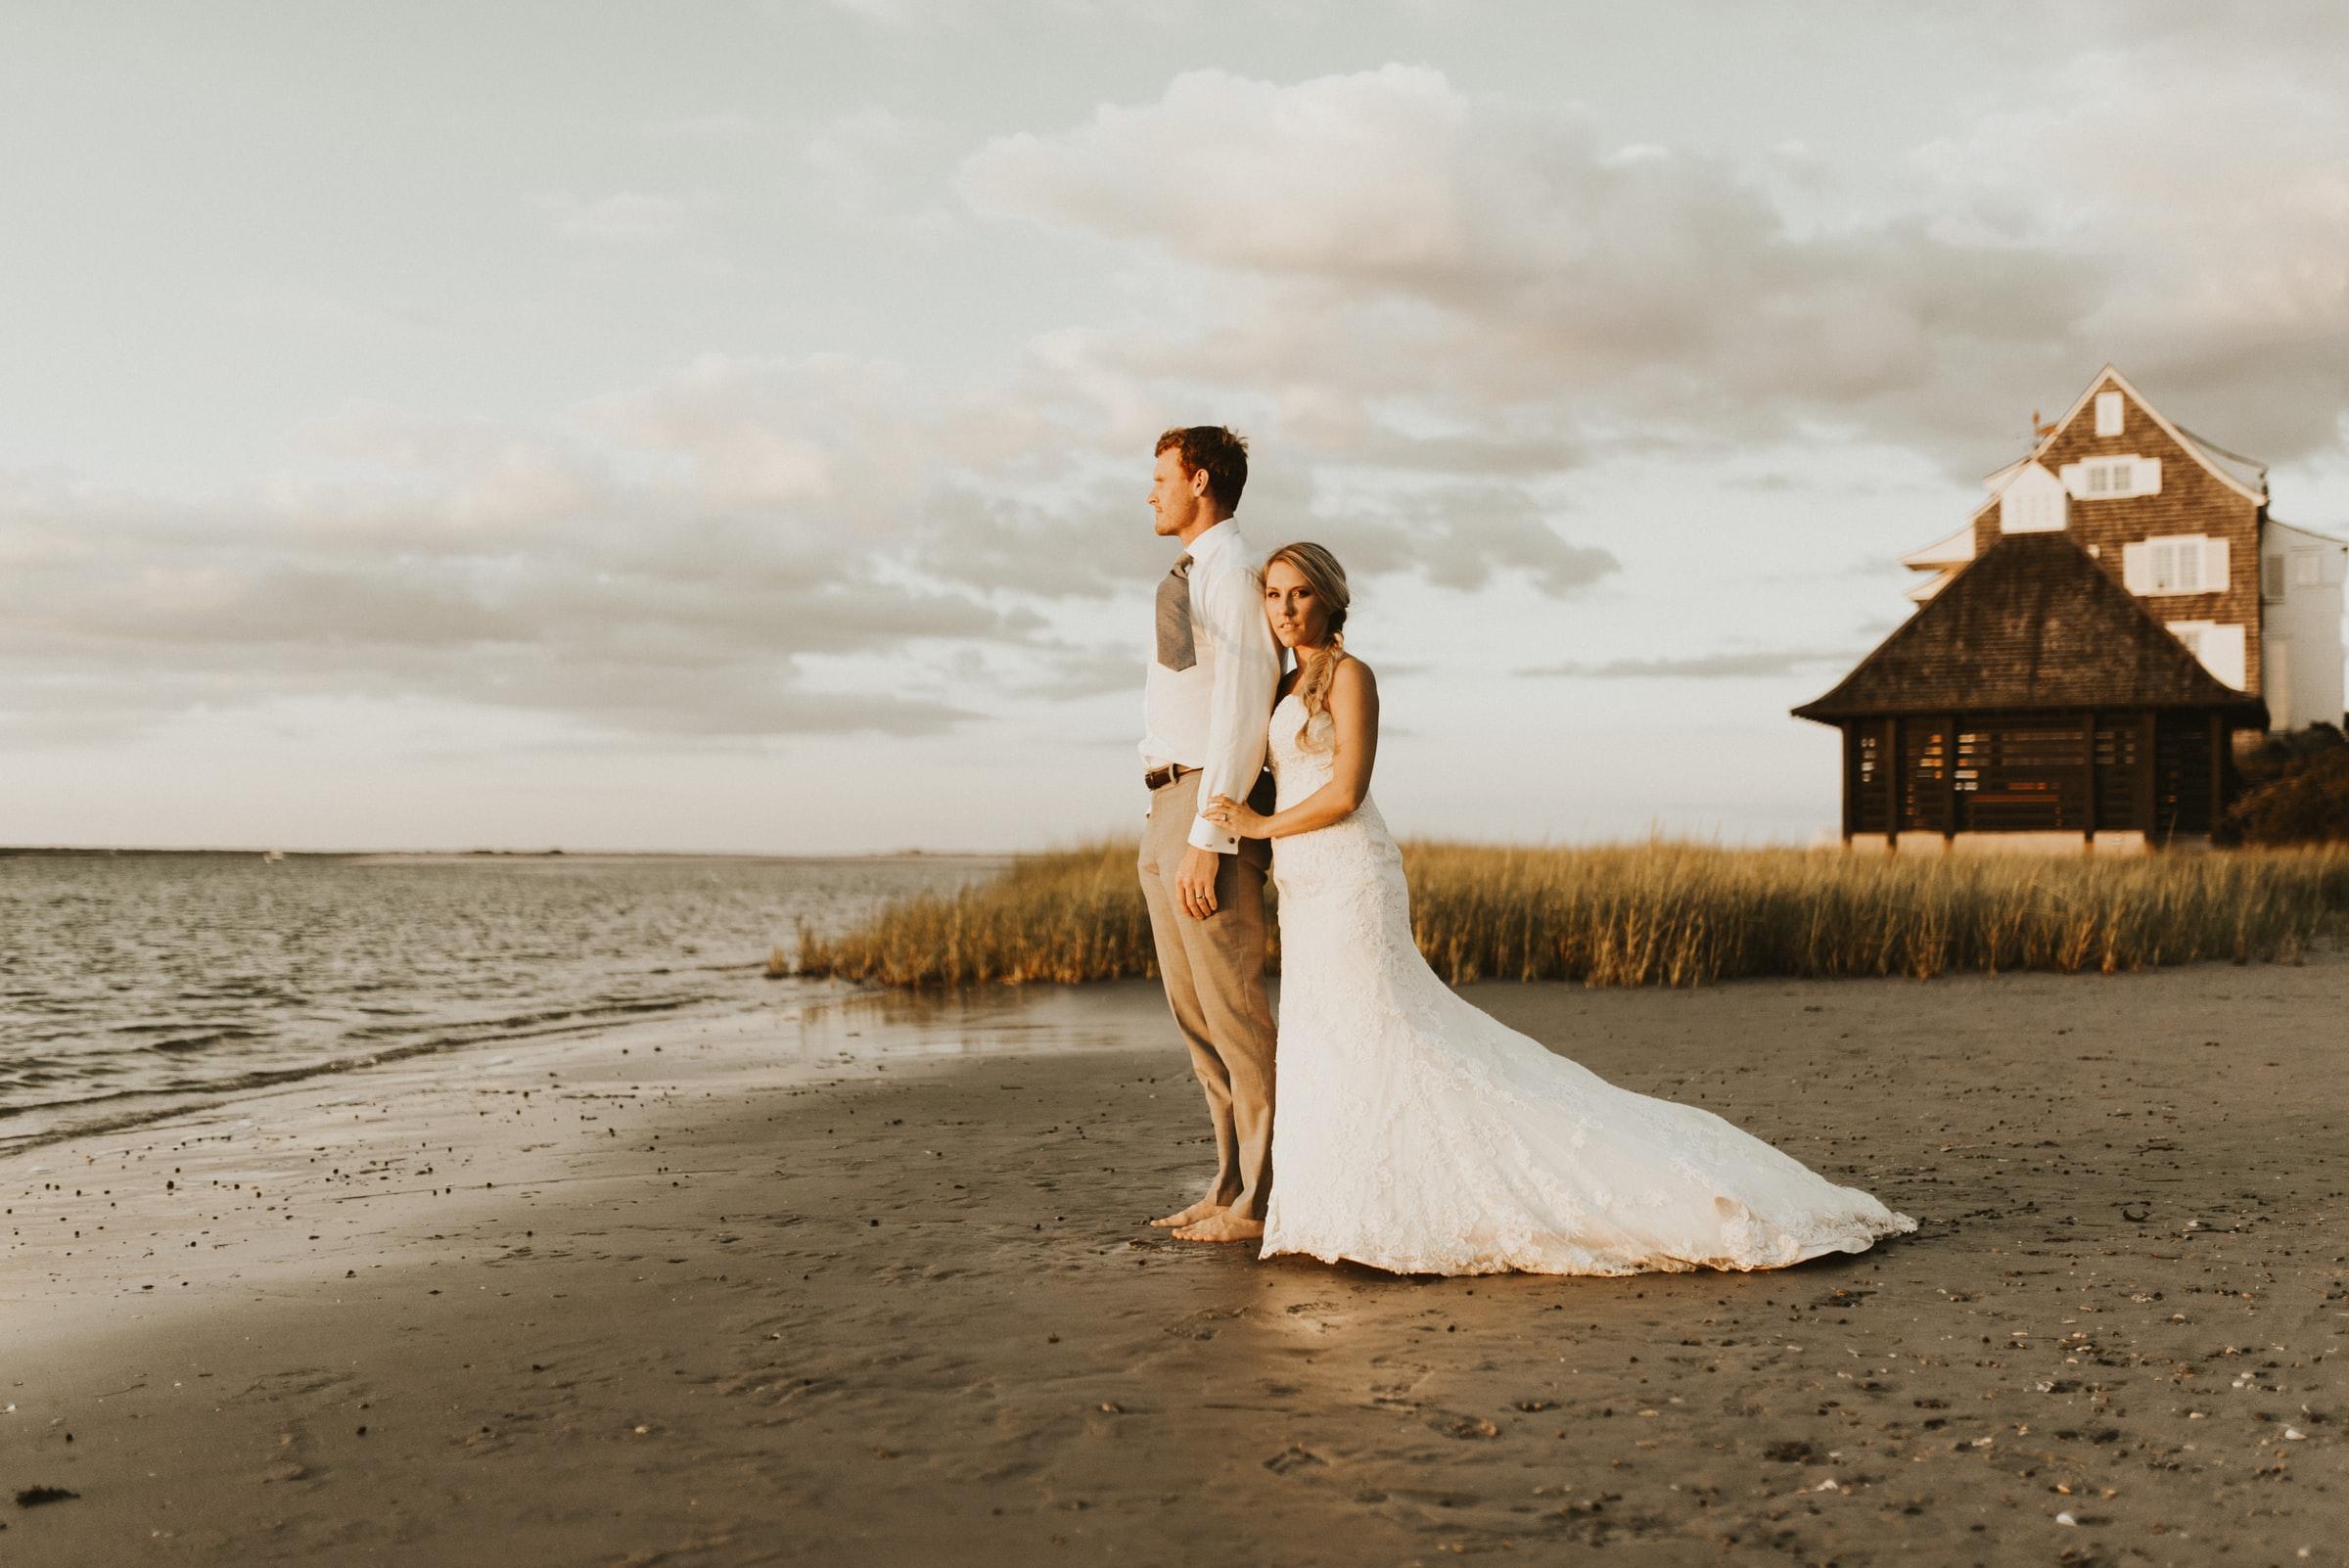 fuggire per sposarsi nuova tendenza wedding matrimonio esclusivo con pochi invitati